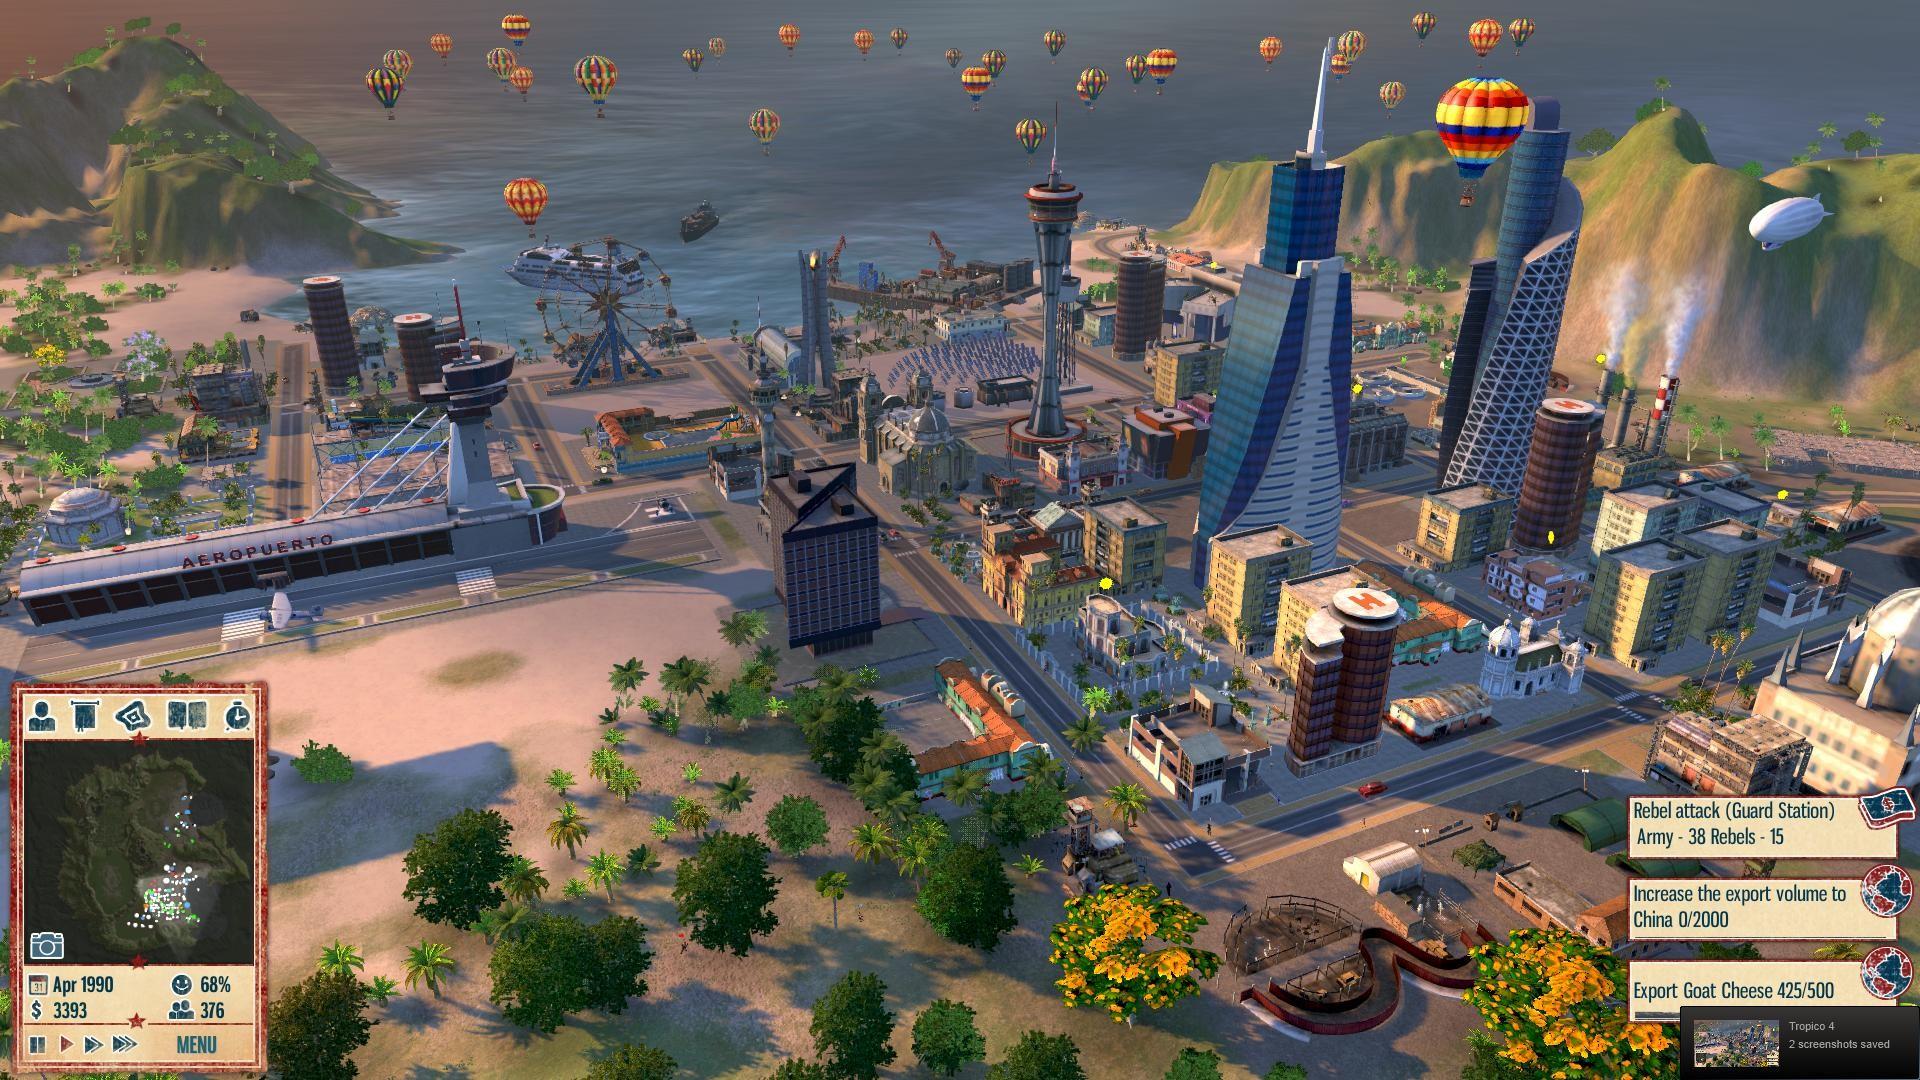 Gra z 2011 roku, a pewne krajobrazy ciągle mogą przykuć nasz wzrok